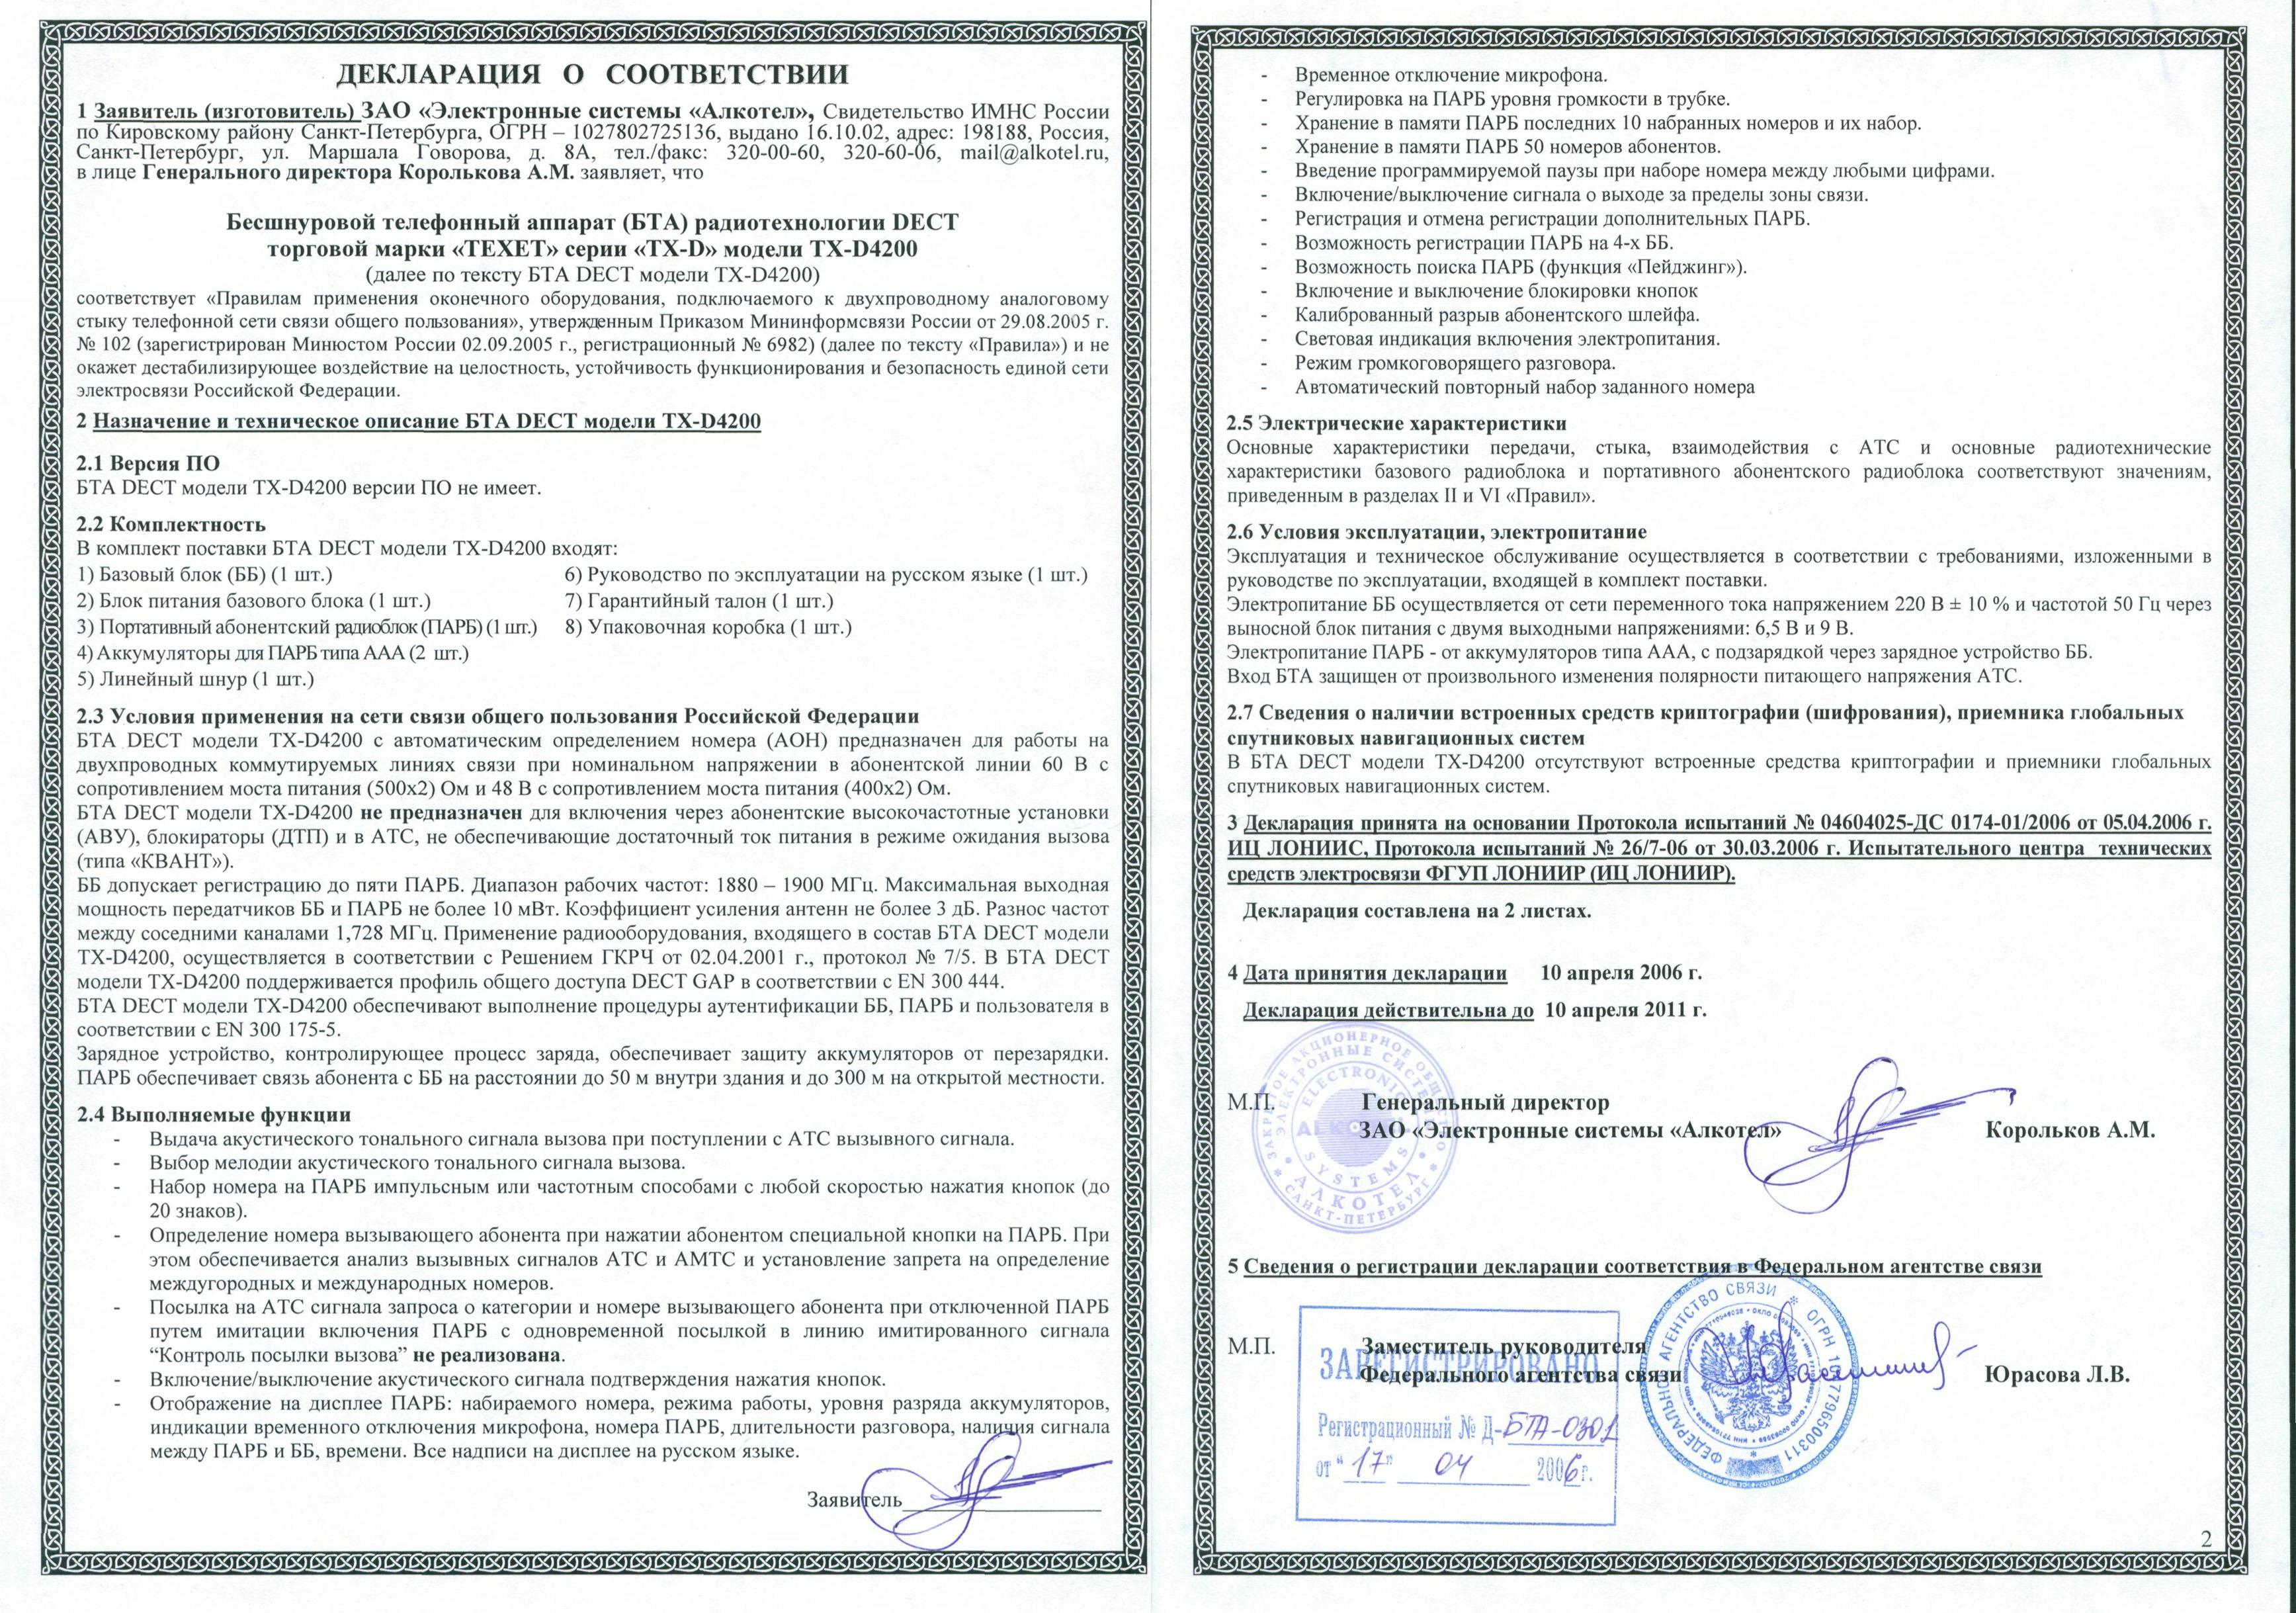 инструкция по эксплуатации радиотелефона texet tx-d7600